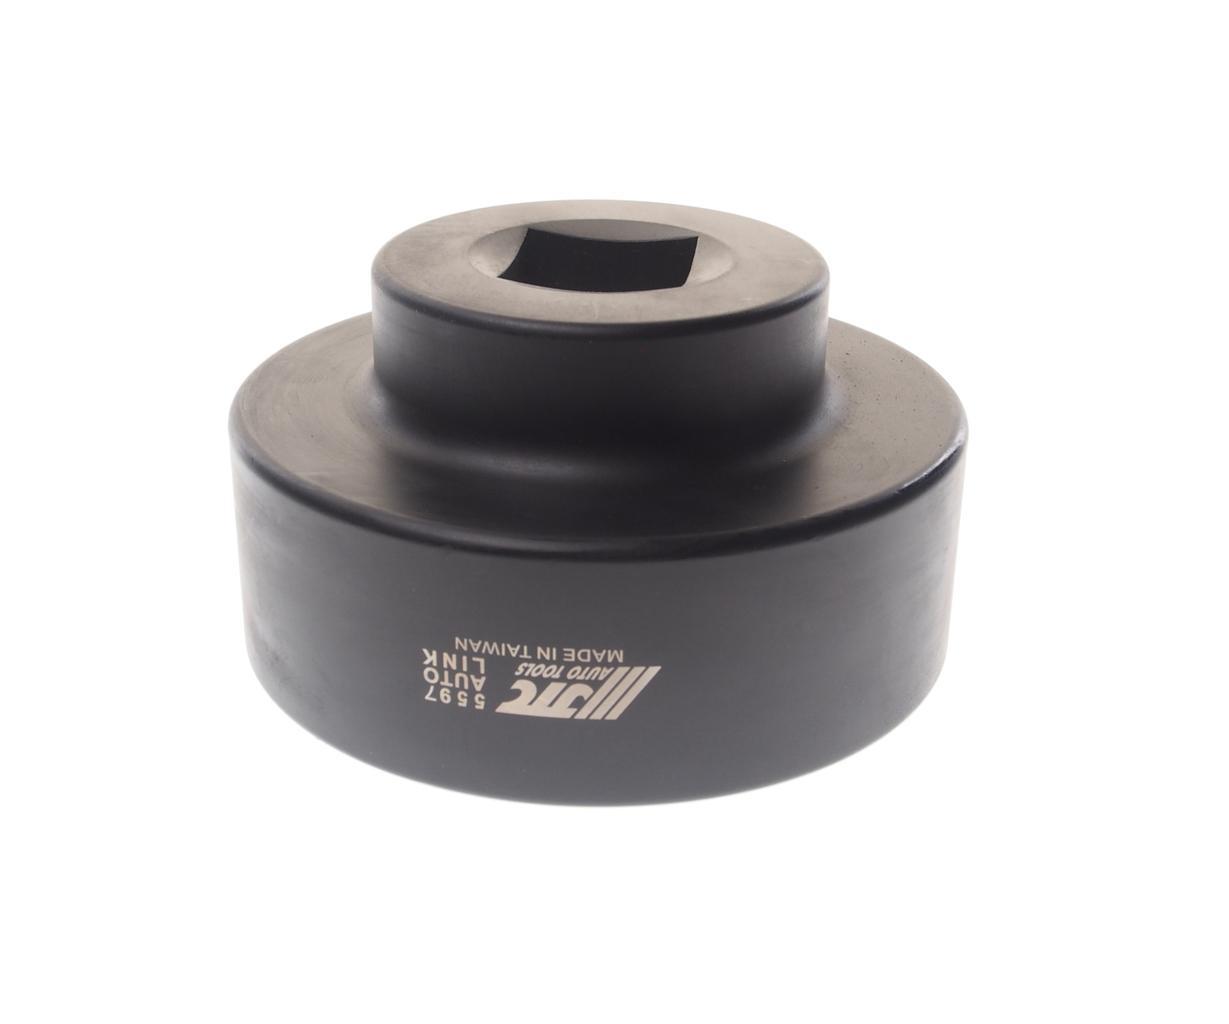 Головка Jtc 5597 головка для кислородных датчиков и вакуумных переключателей jtc 7 8 под конусную гайку jtc 1607